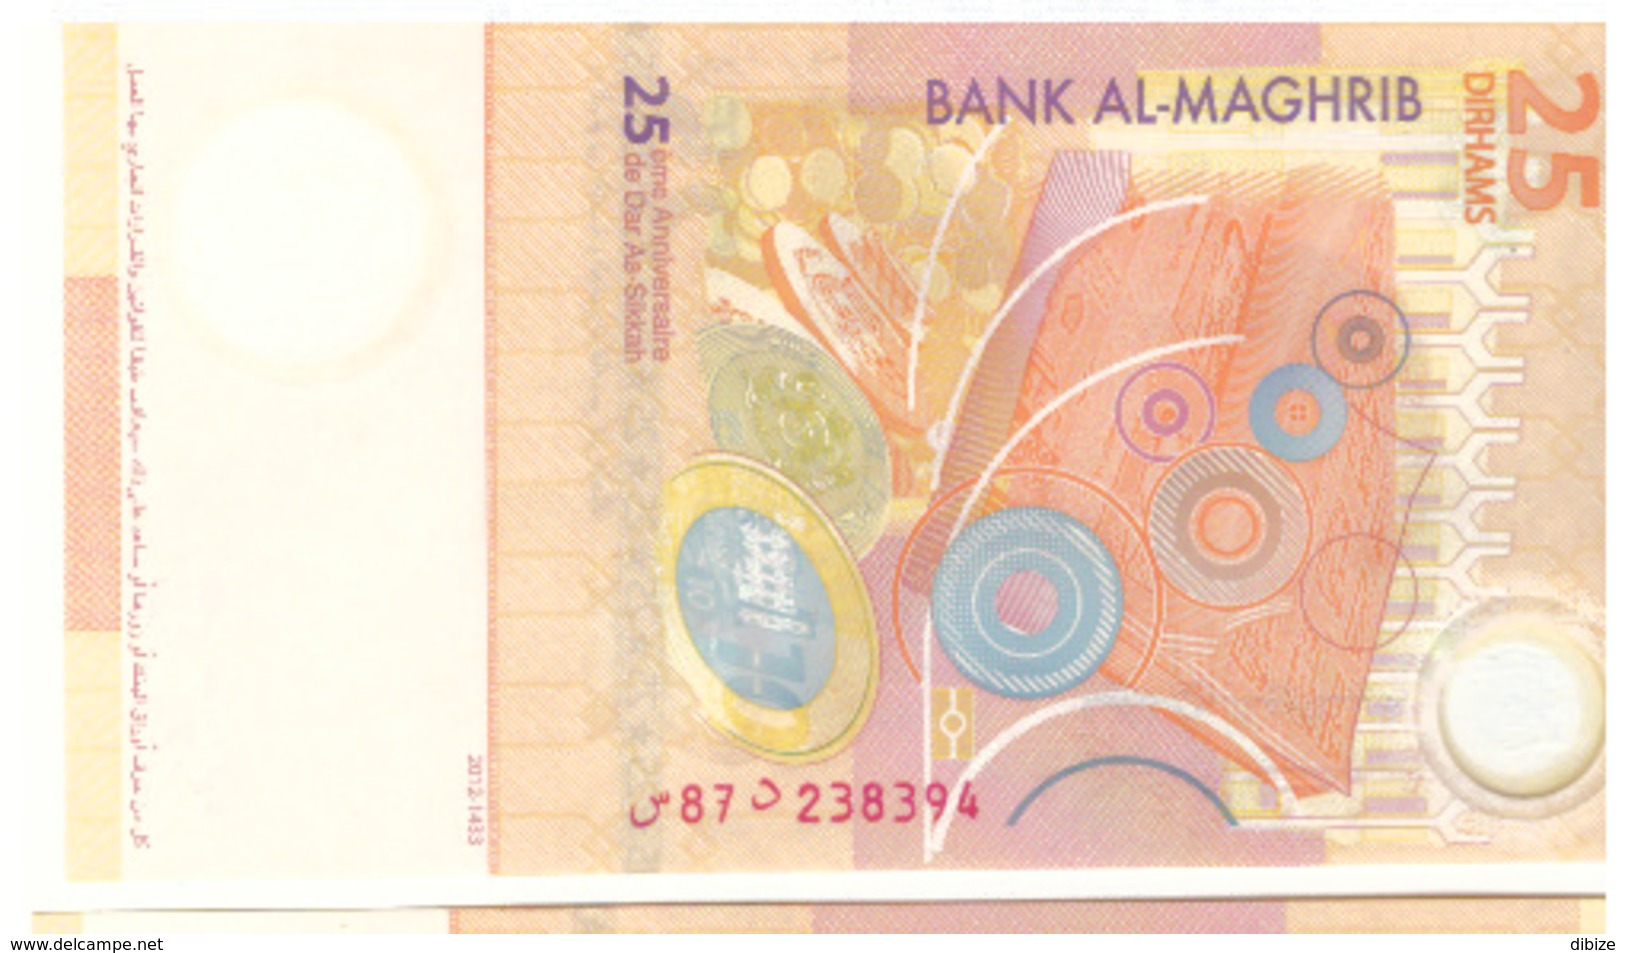 Maroc Série De 5 Billets De 25 Dirhams Dont Les Numéros Se Suivent - Maroc